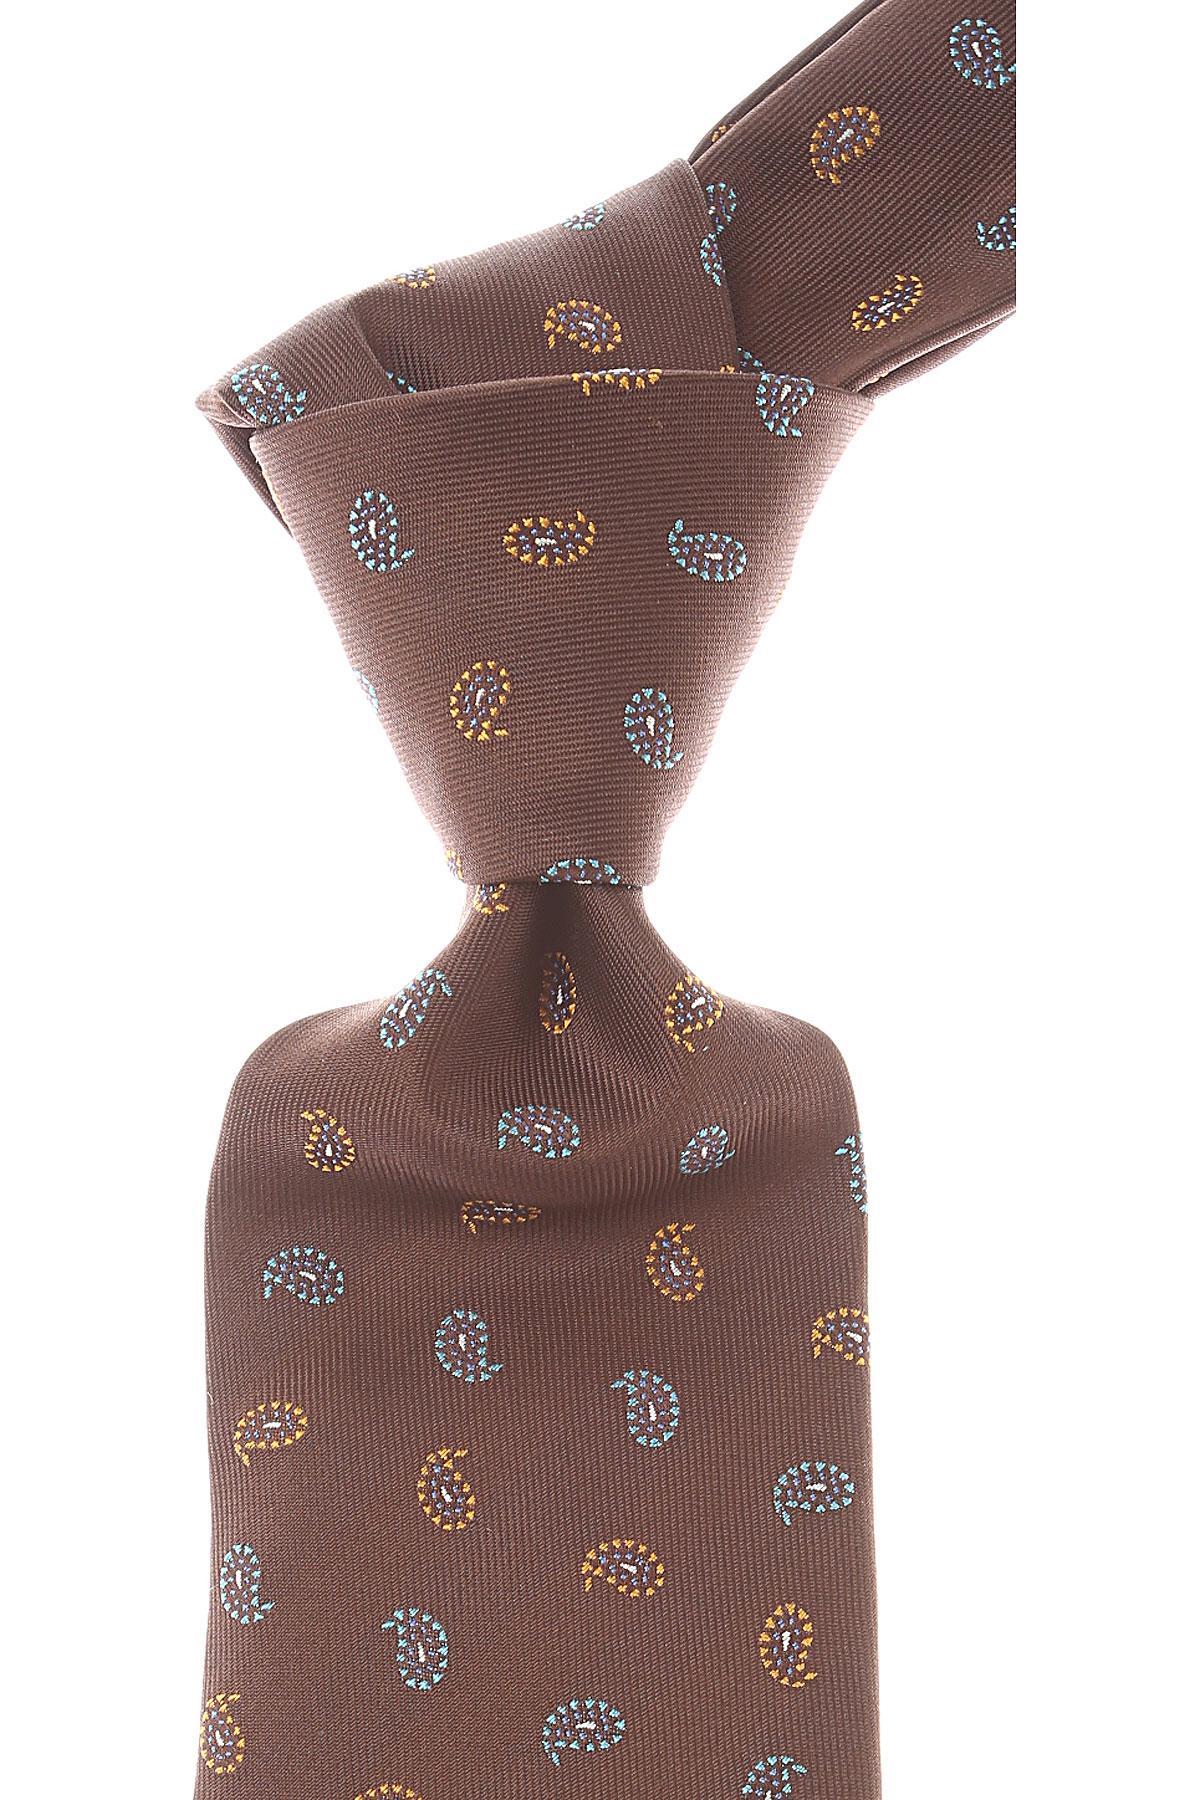 Isaia Cravates Pas cher en Soldes, Brun chocolat, Soie, 2021